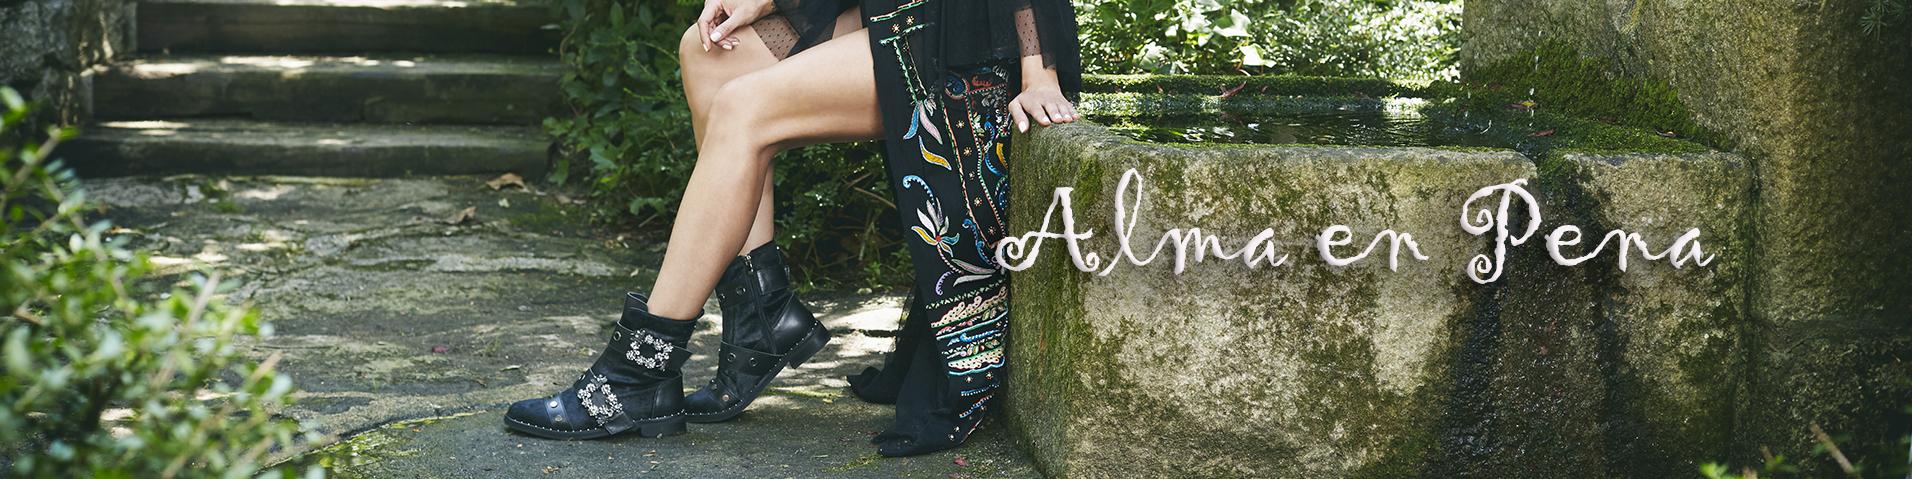 Zapatos Online Alma Mujer En Pena Femenino De Comprar Calzado OOxr8f